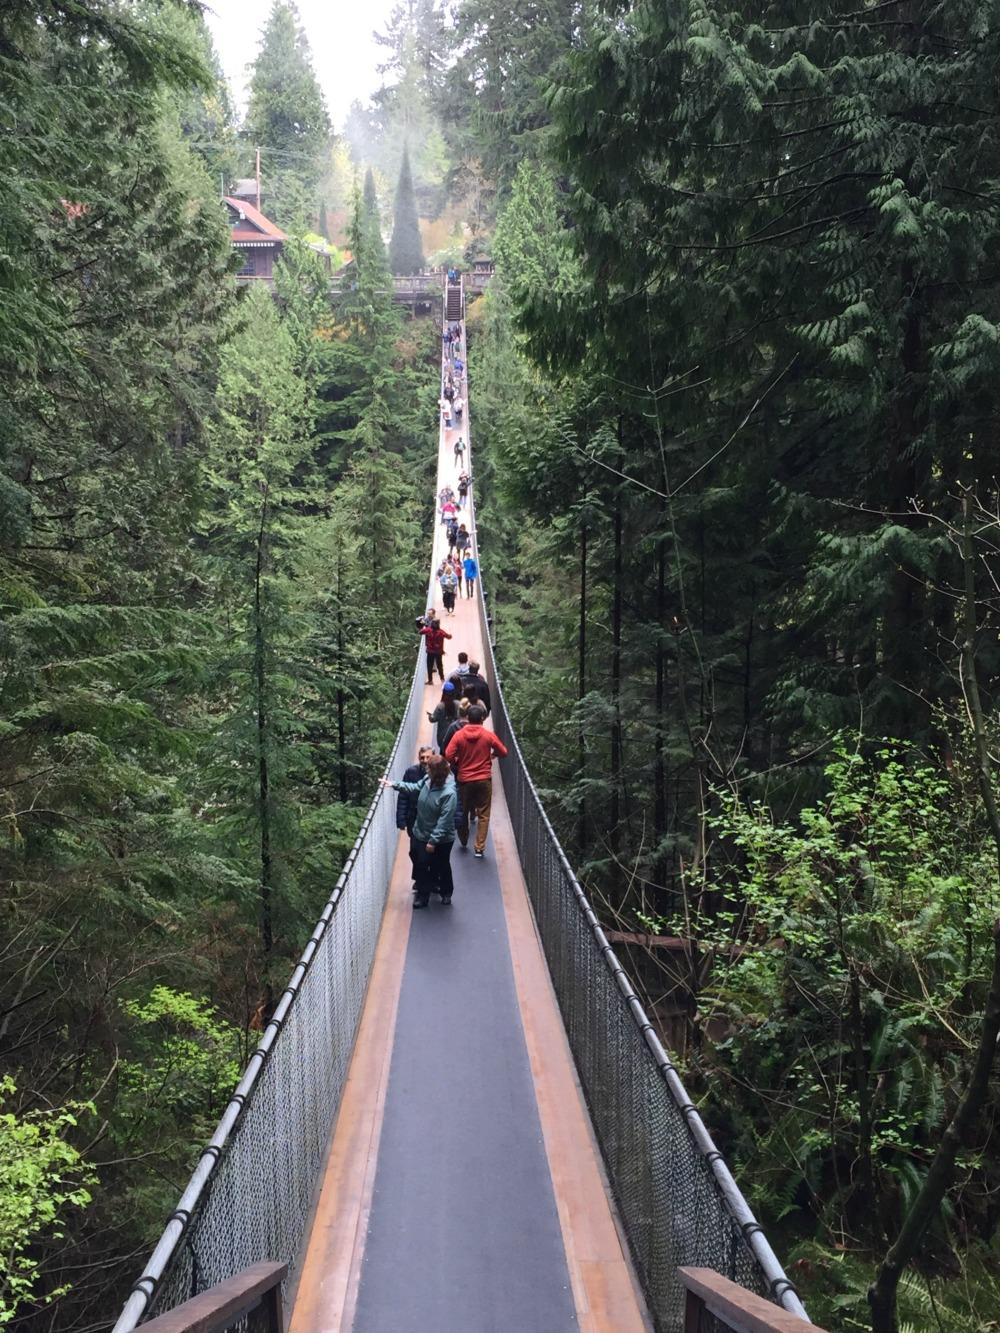 Capliano Suspension bridge